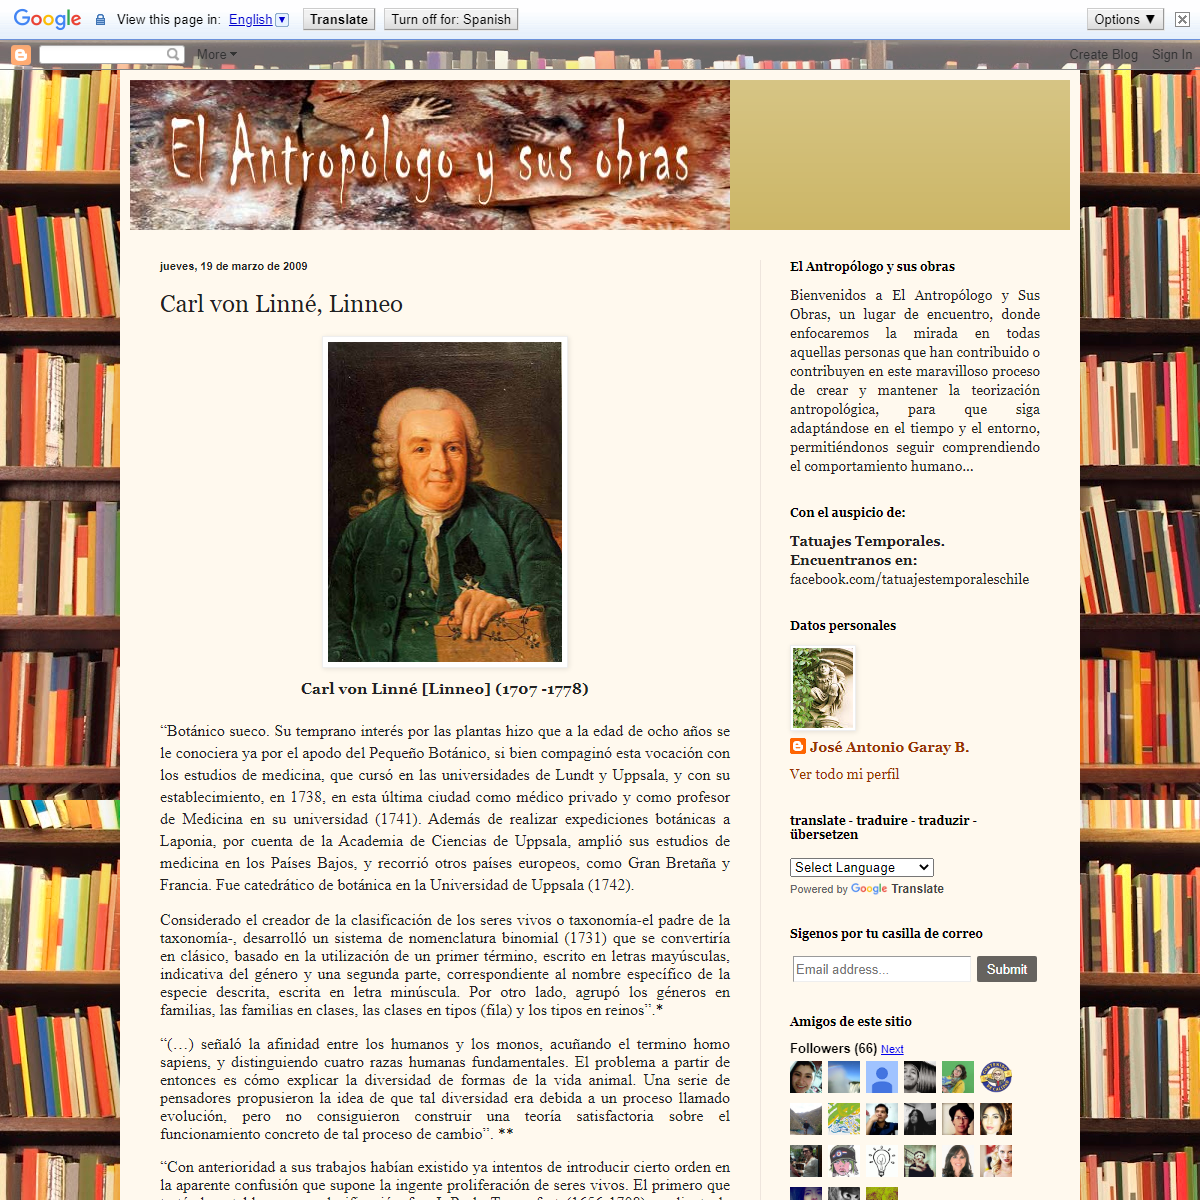 El Antropologo y sus Obras- Carl von Linné, Linneo